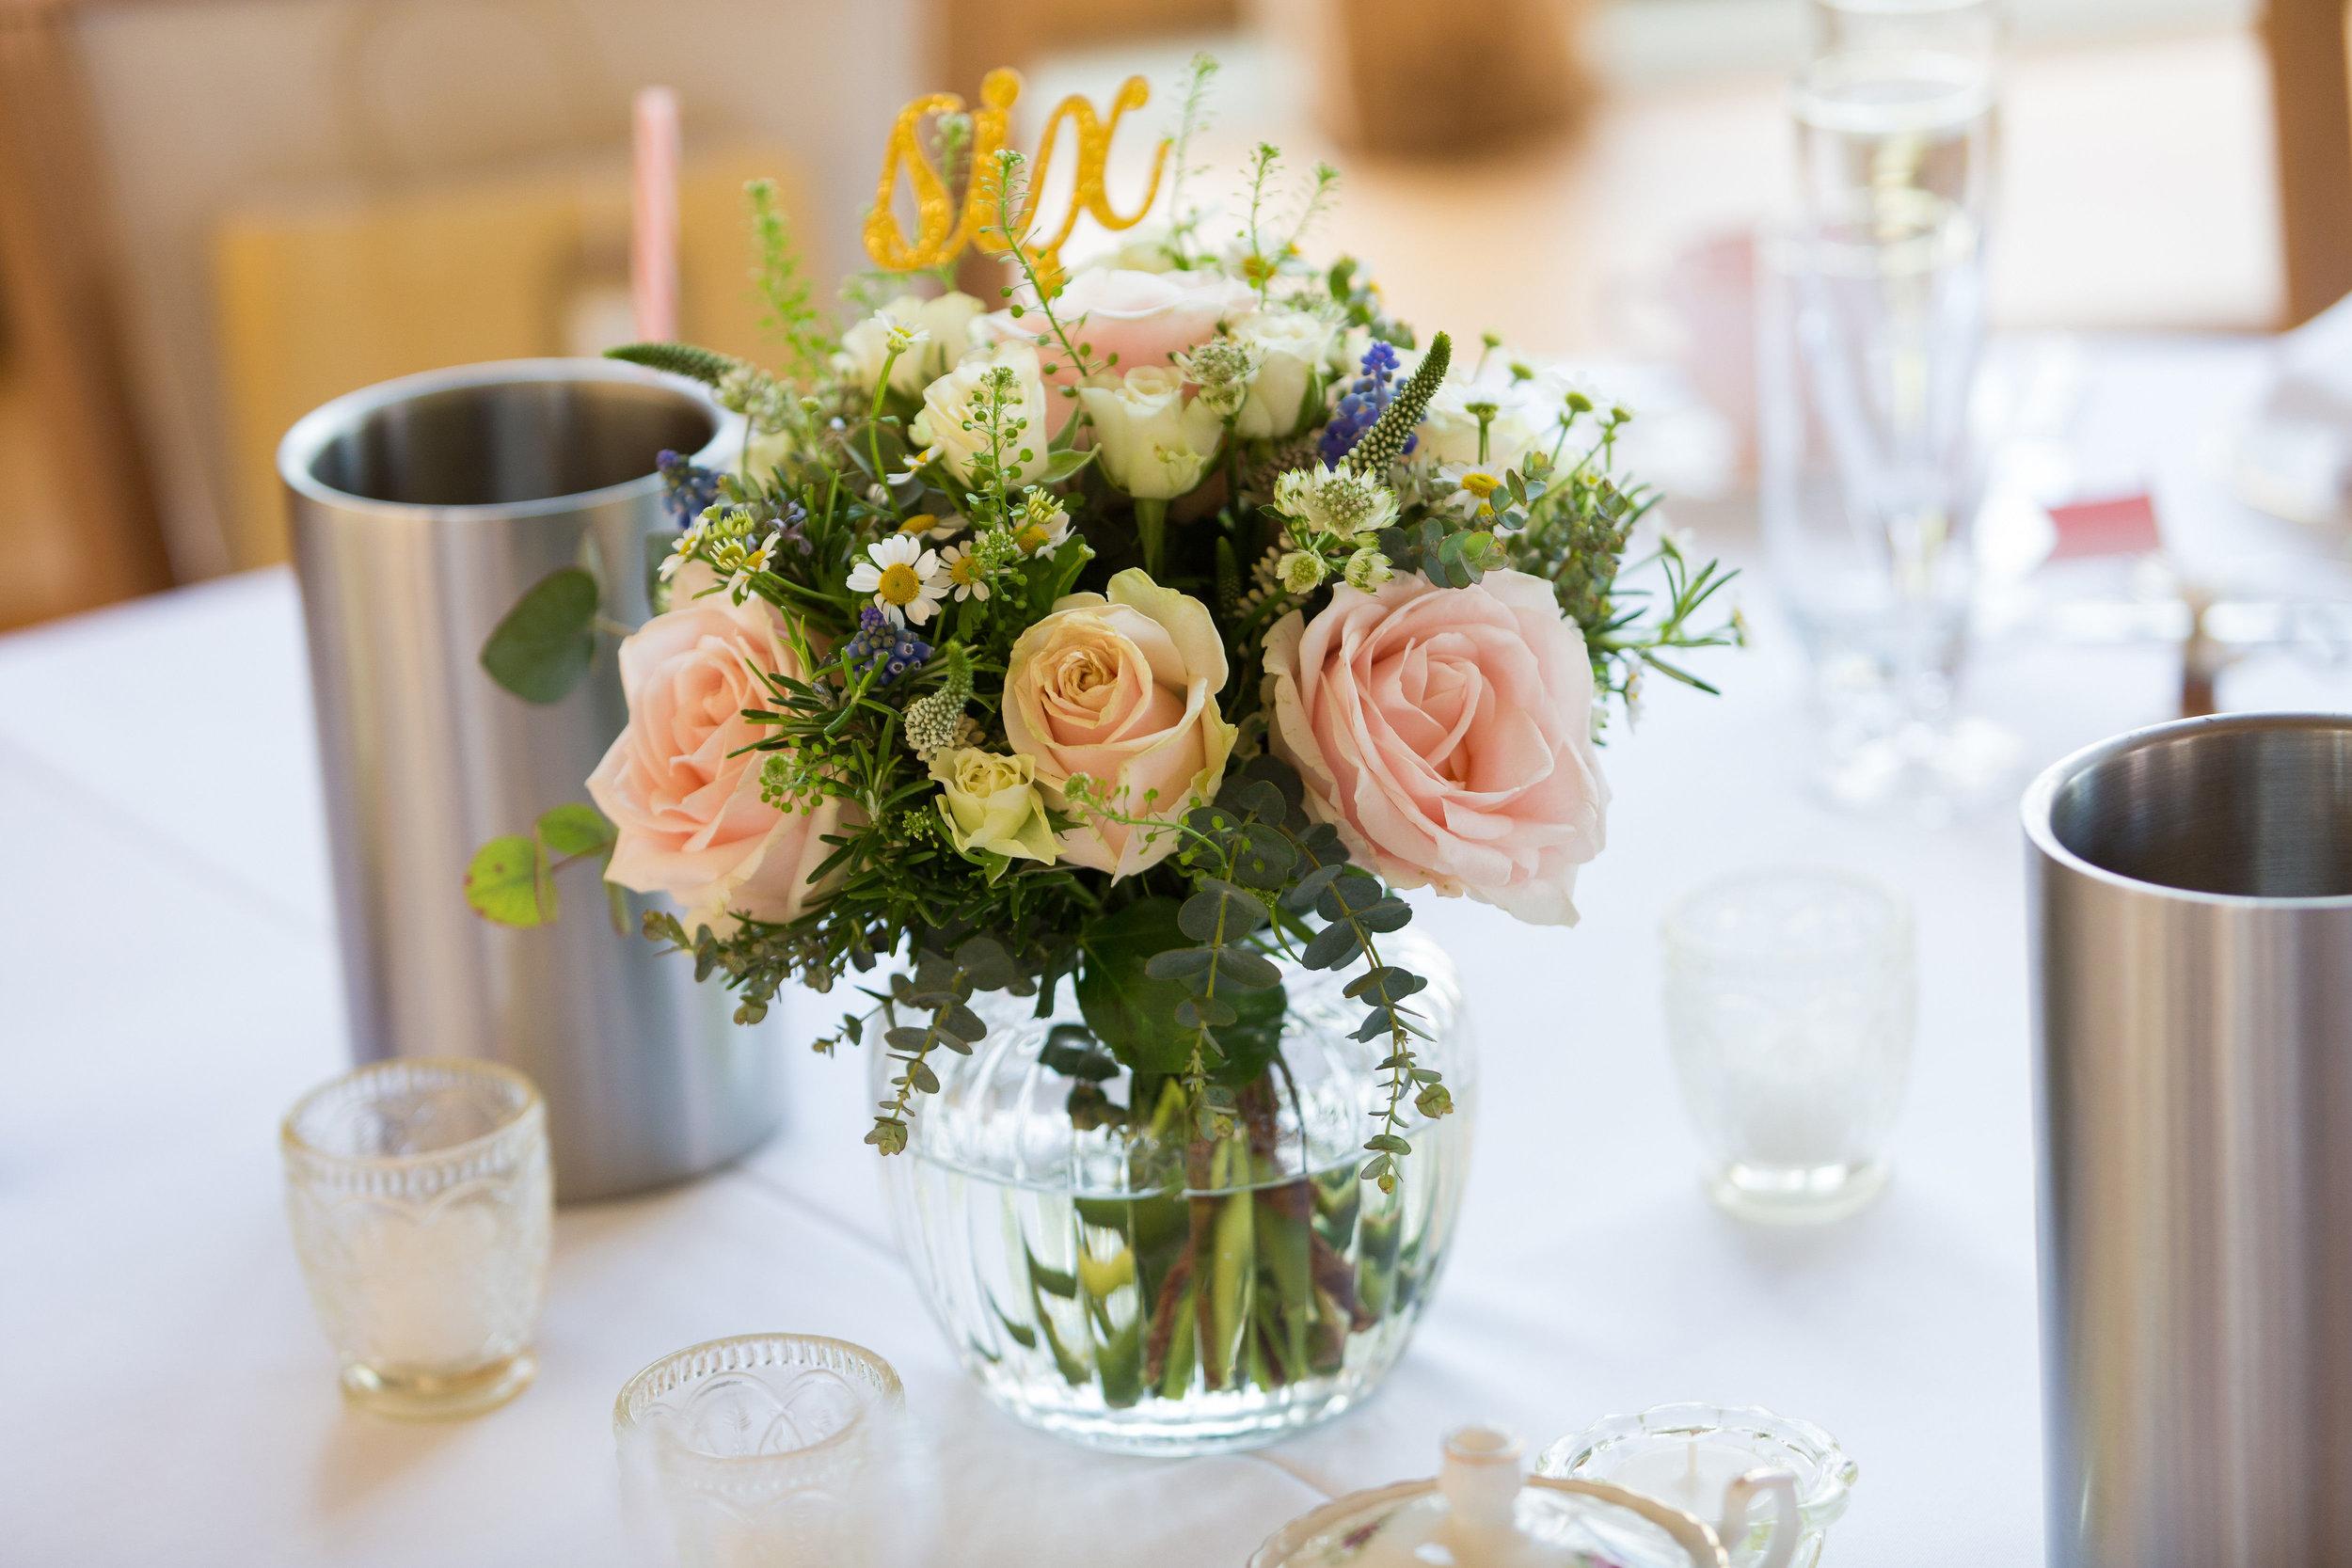 suffolk-wedding-florist-helen-newman-4.jpg